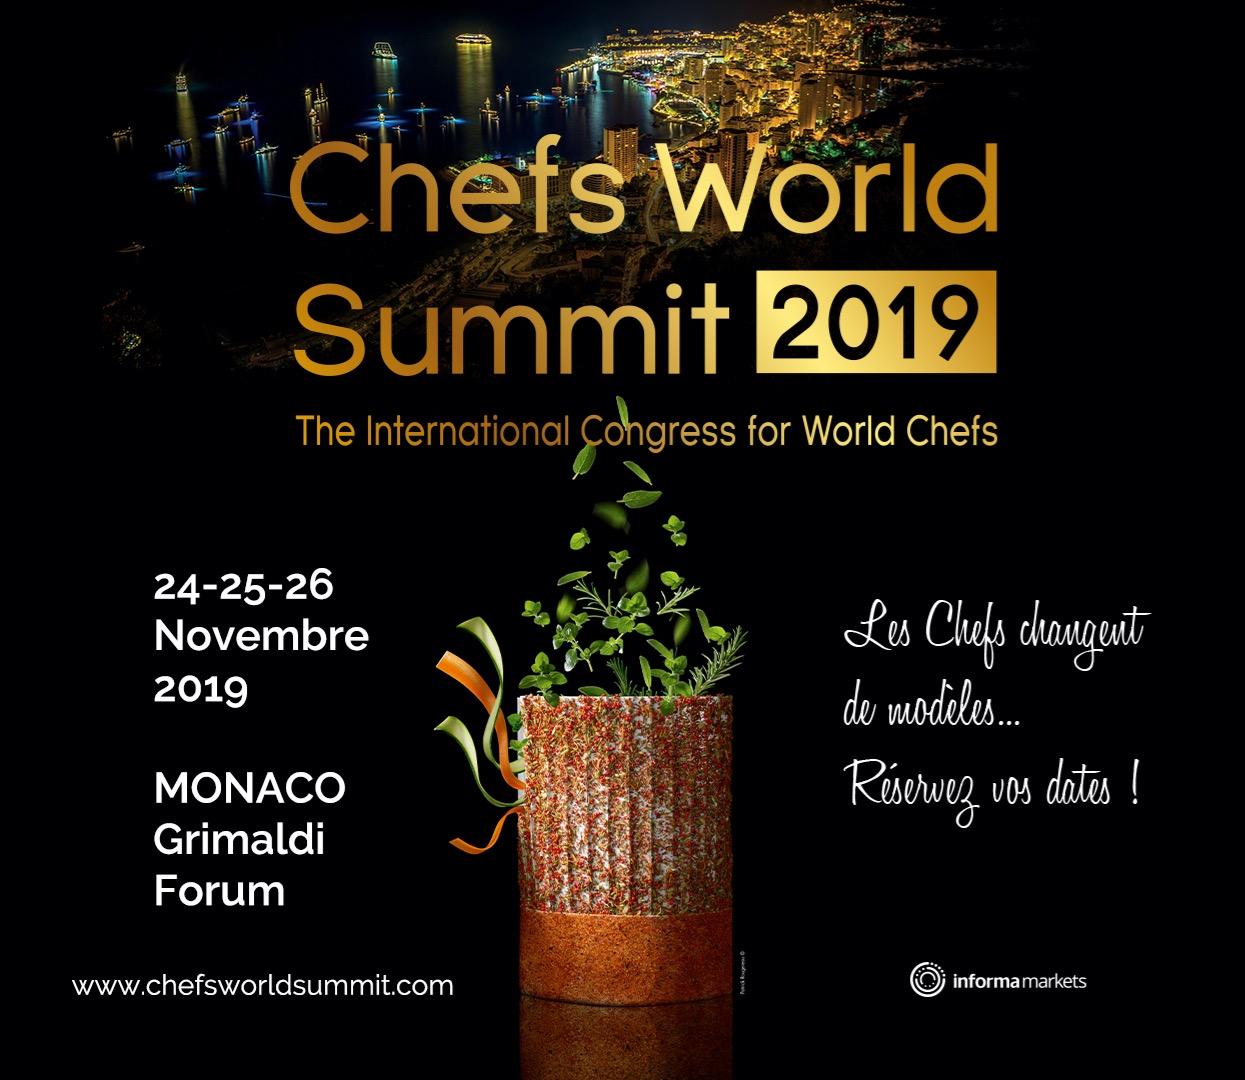 Chefs World Summit Monaco